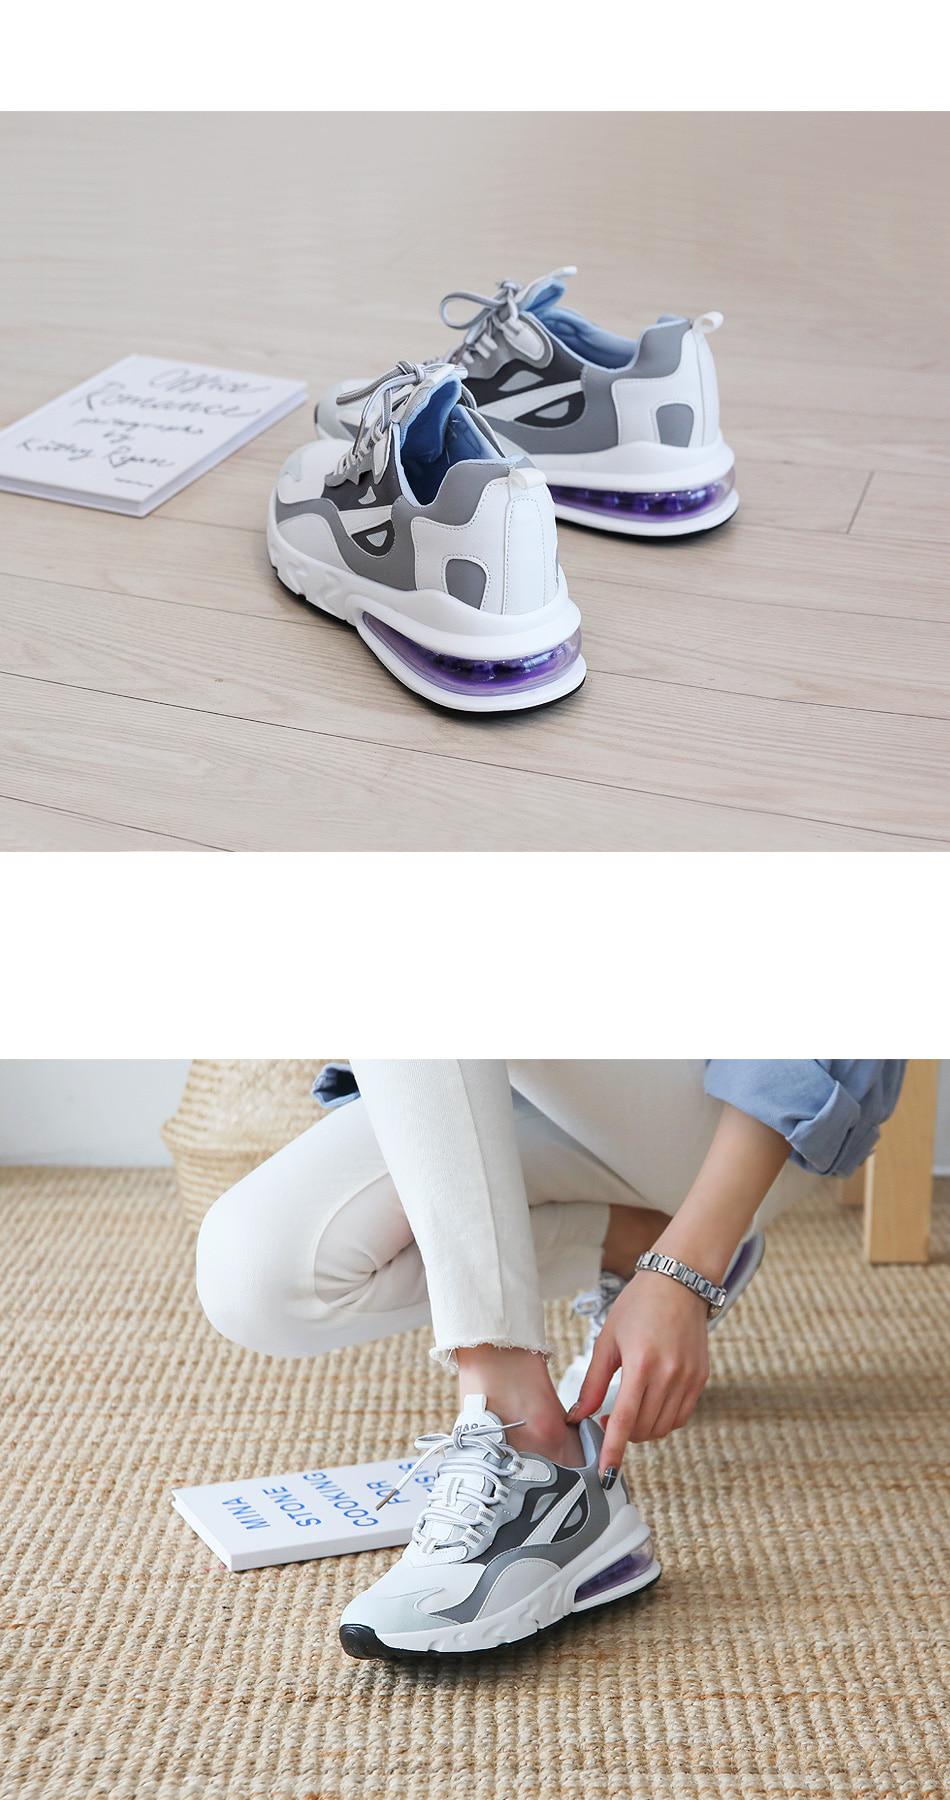 Purple Air Height Sneaker 6cm